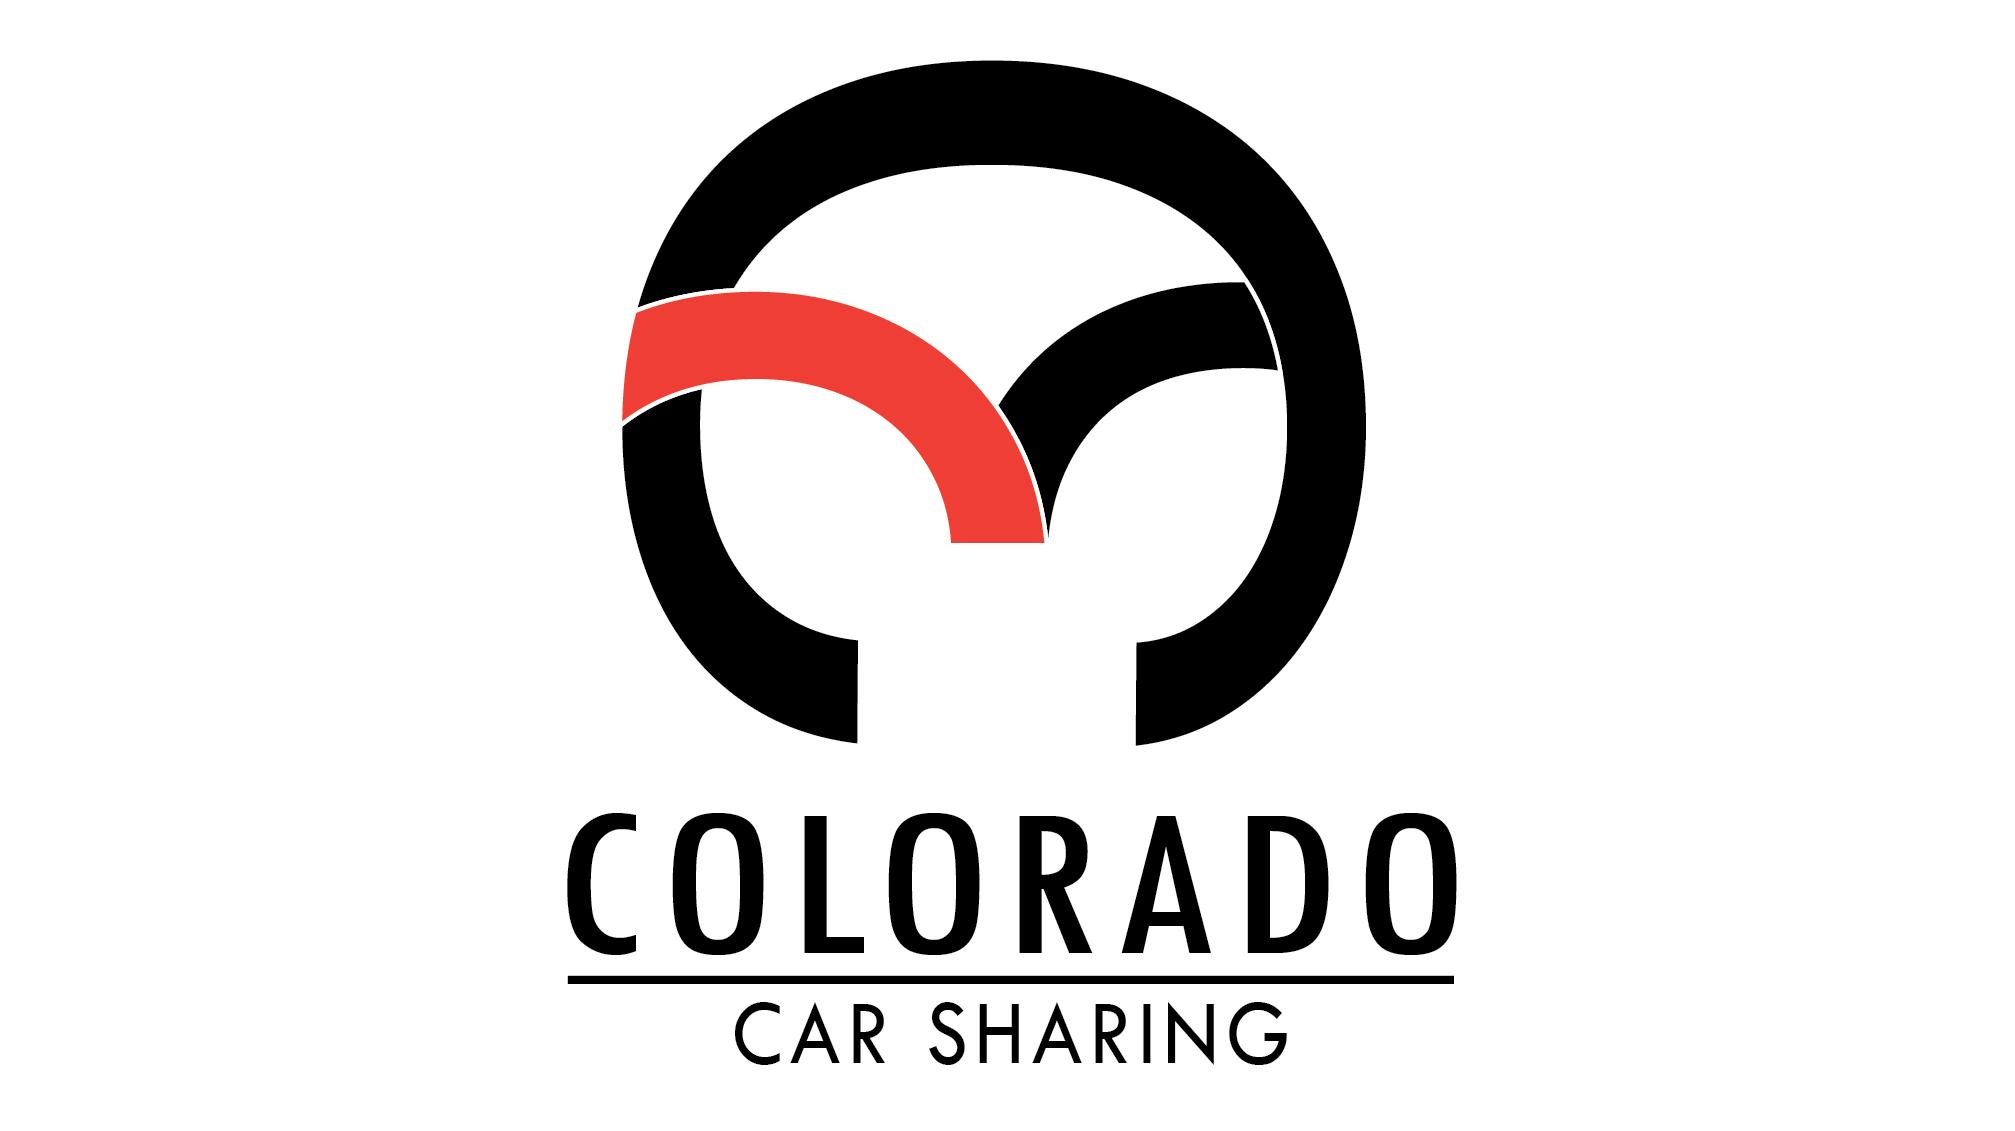 Modern Bold Car Rental Logo Design For Colorado Car Sharing By